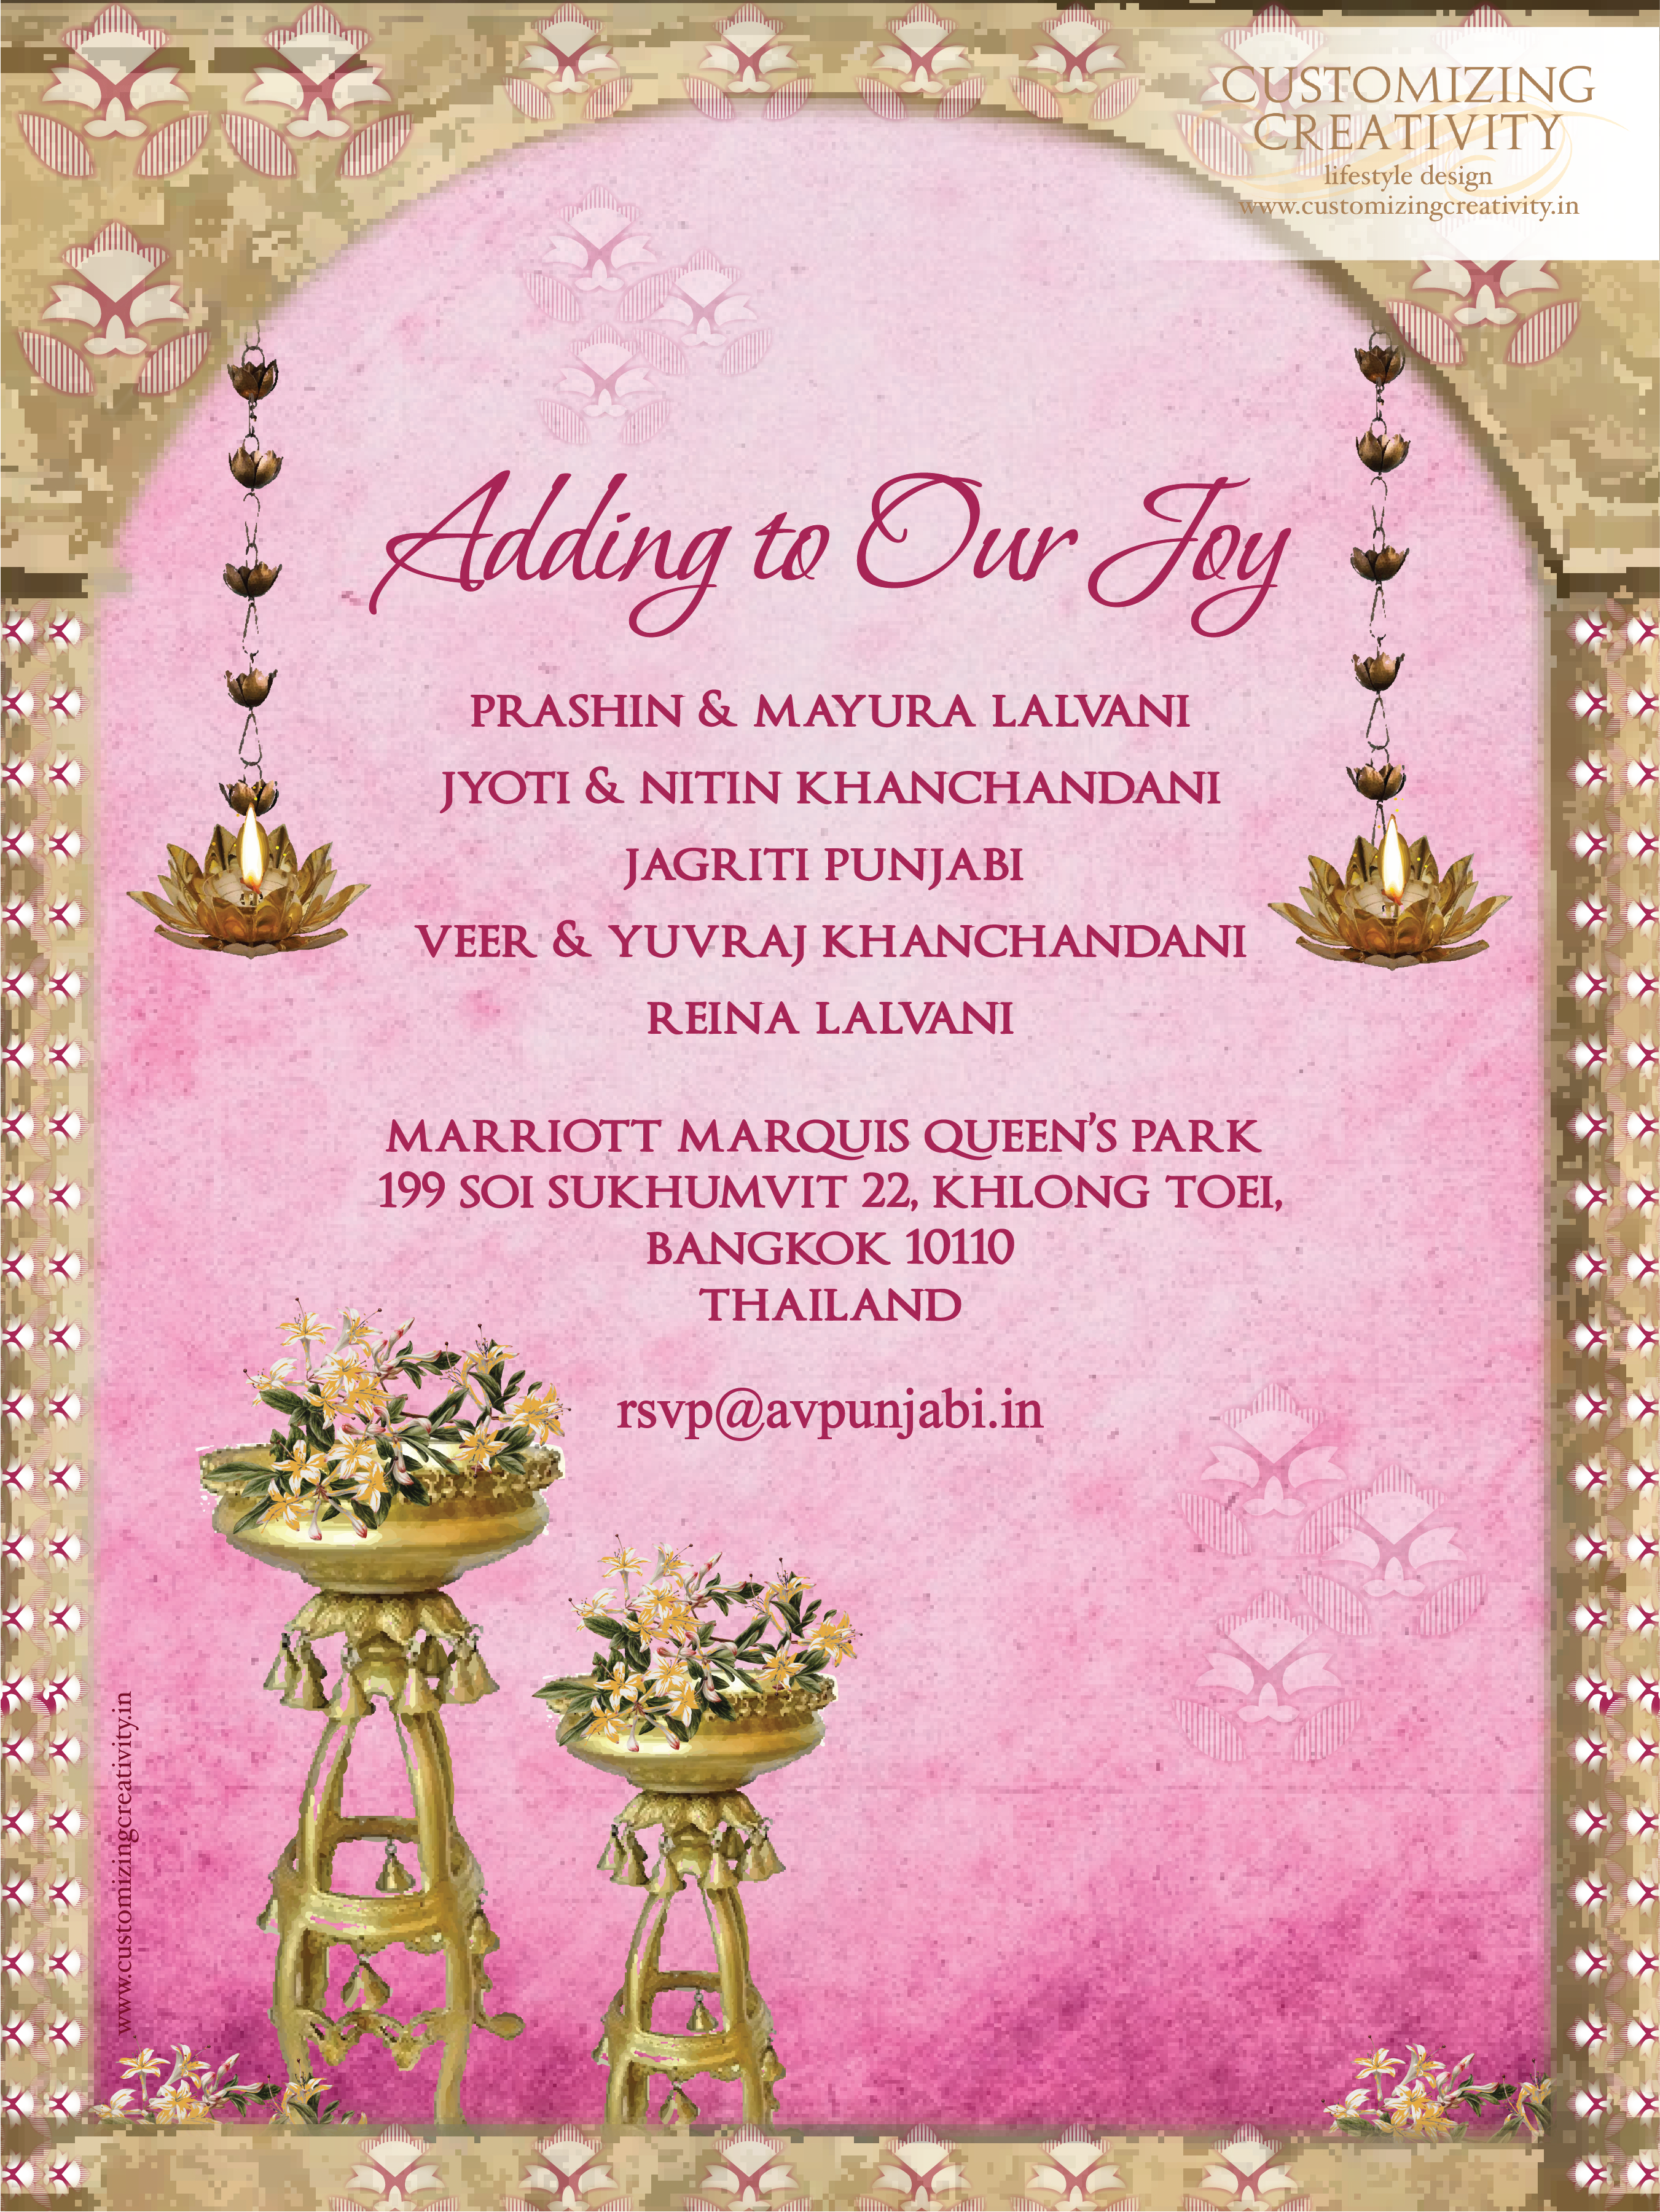 Digital Invites Evite Designs Eversion E Vite E Cards Invites Invitation Cards Wedding Invit Simple Wedding Cards Wedding Cards Wedding Invitation Cards